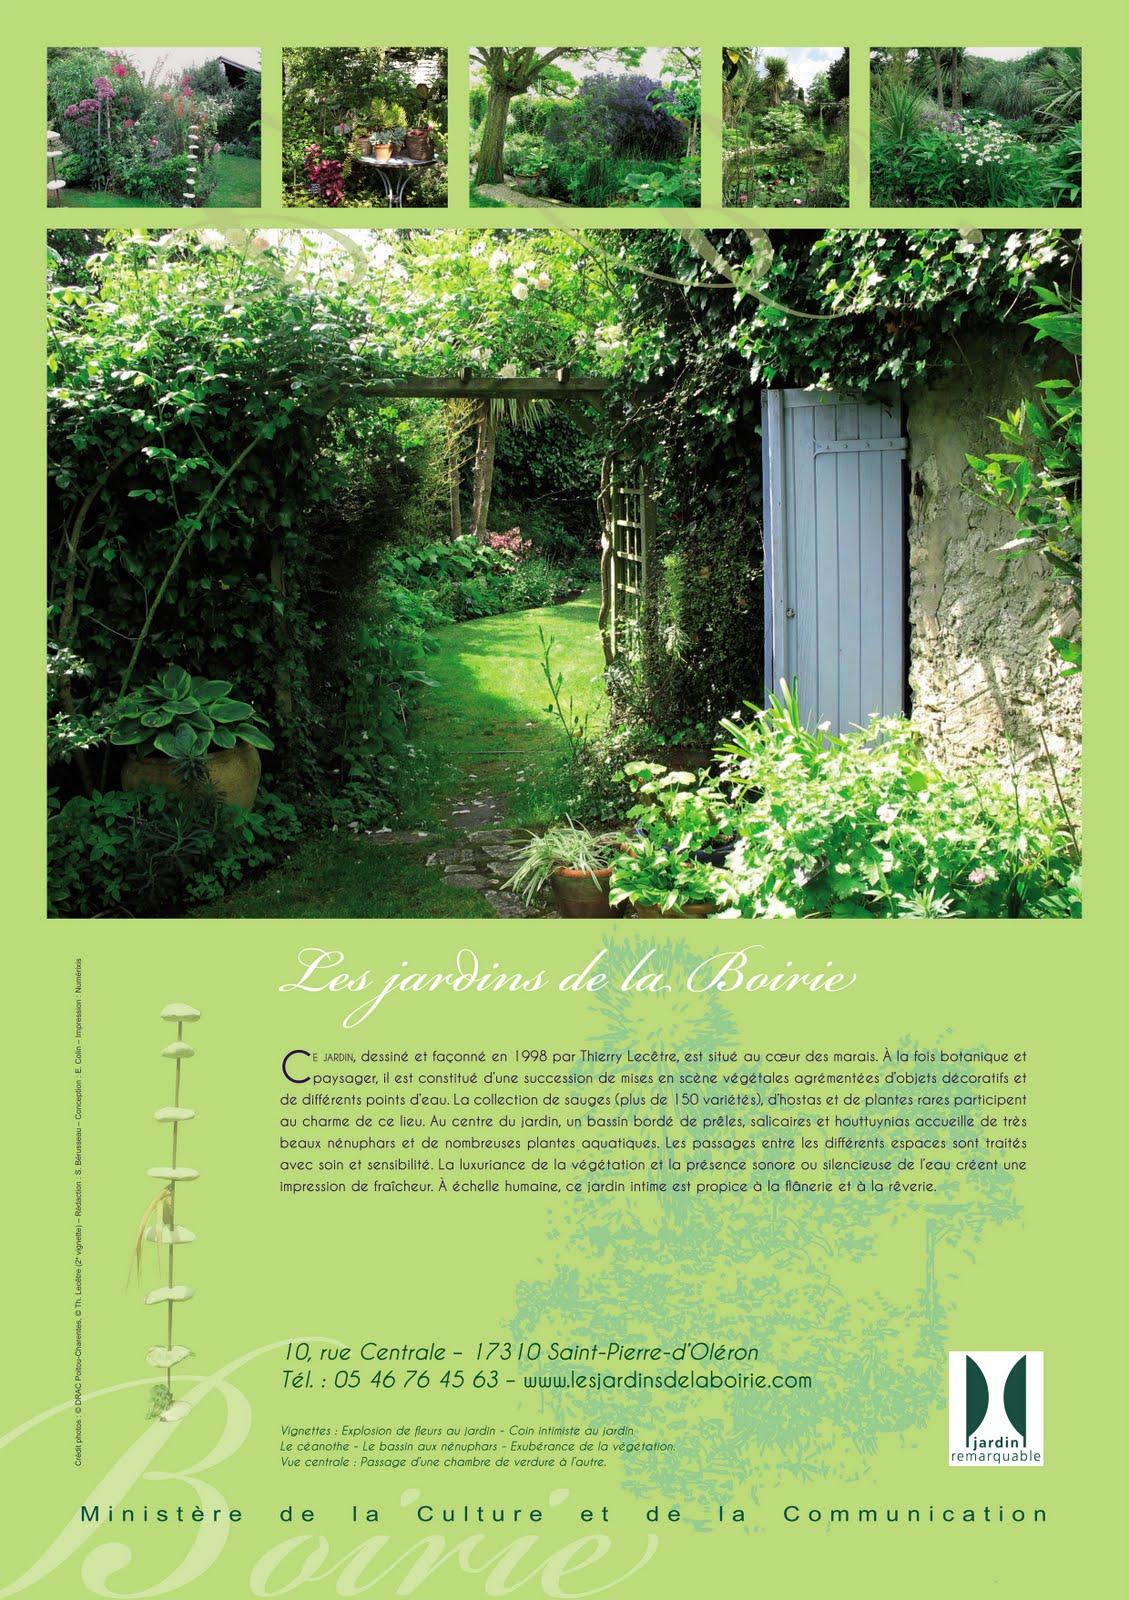 Label jardin remarquable les jardins botaniques de la boirie for Jardin remarquable